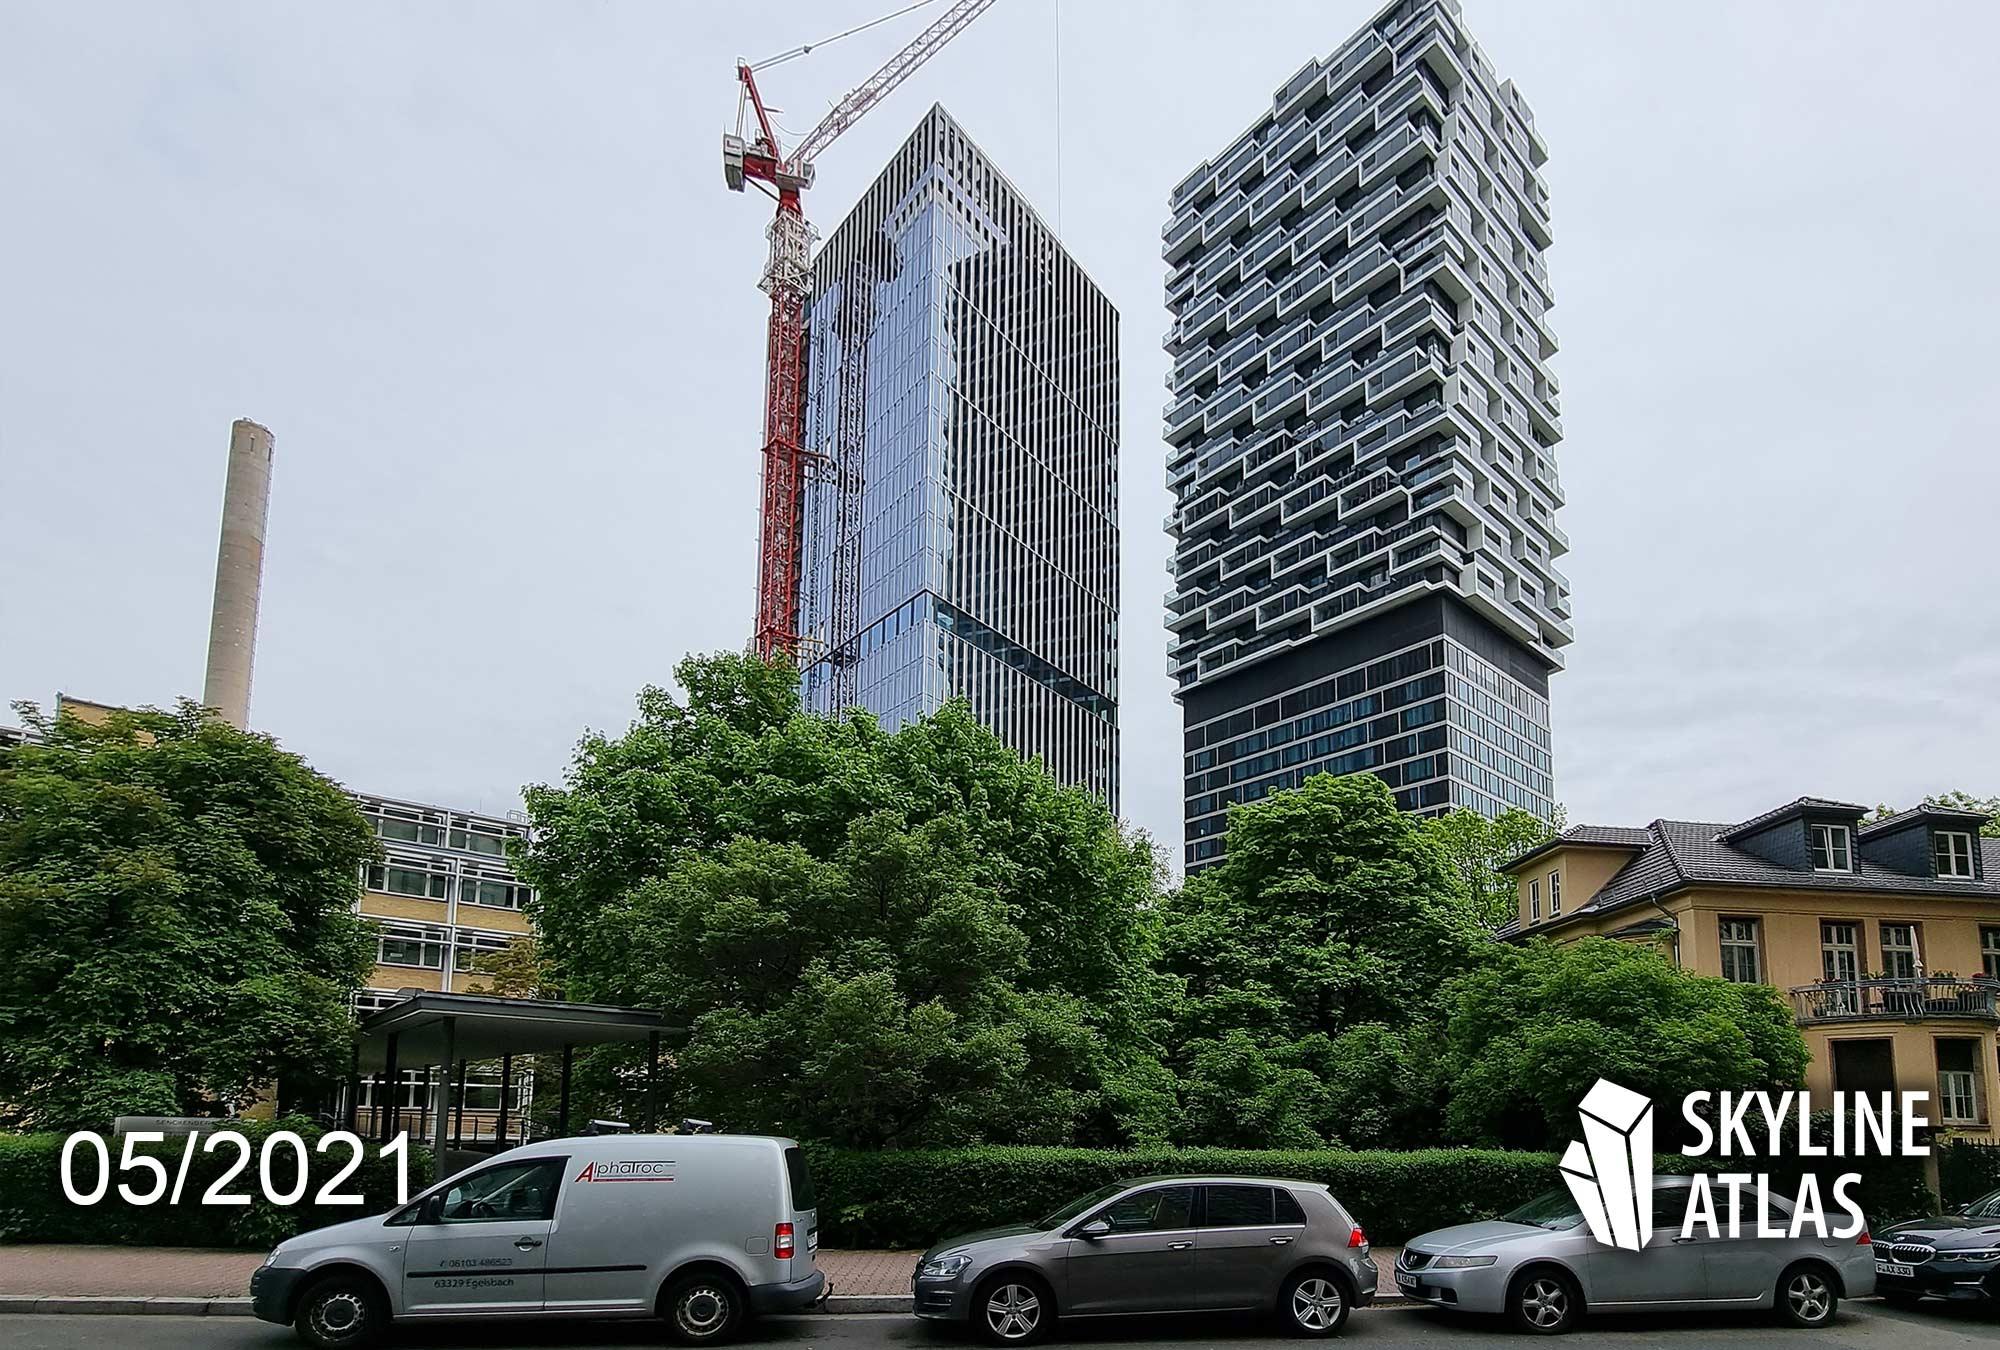 99west Frankfurt - 99 West Frankfurt am Main - Senckenberg Turm FFM - Baustelle NAS Invest Wolkenkratzer Bockenheim - Hochhaus Kulturcampus - Baustelle Mai 2021